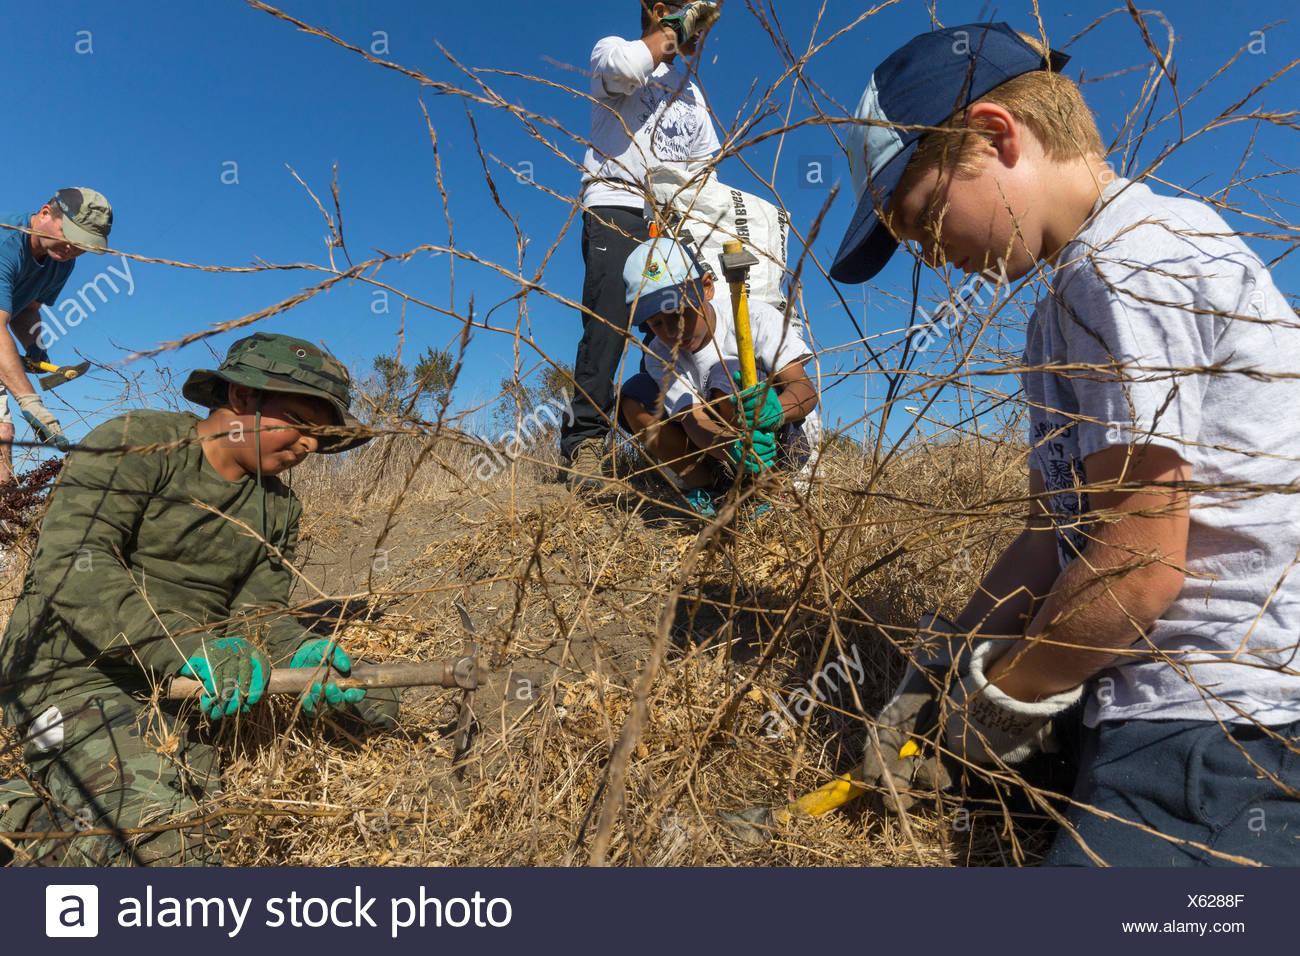 Freiwillige für die Bucht speichern Jäten invasive Arten an byxbee Park, Palo Alto, Ca. Die invasive Arten wurden Senf, Fenchel und stick Johanniskraut (dittrithia grabbiness. Stockbild